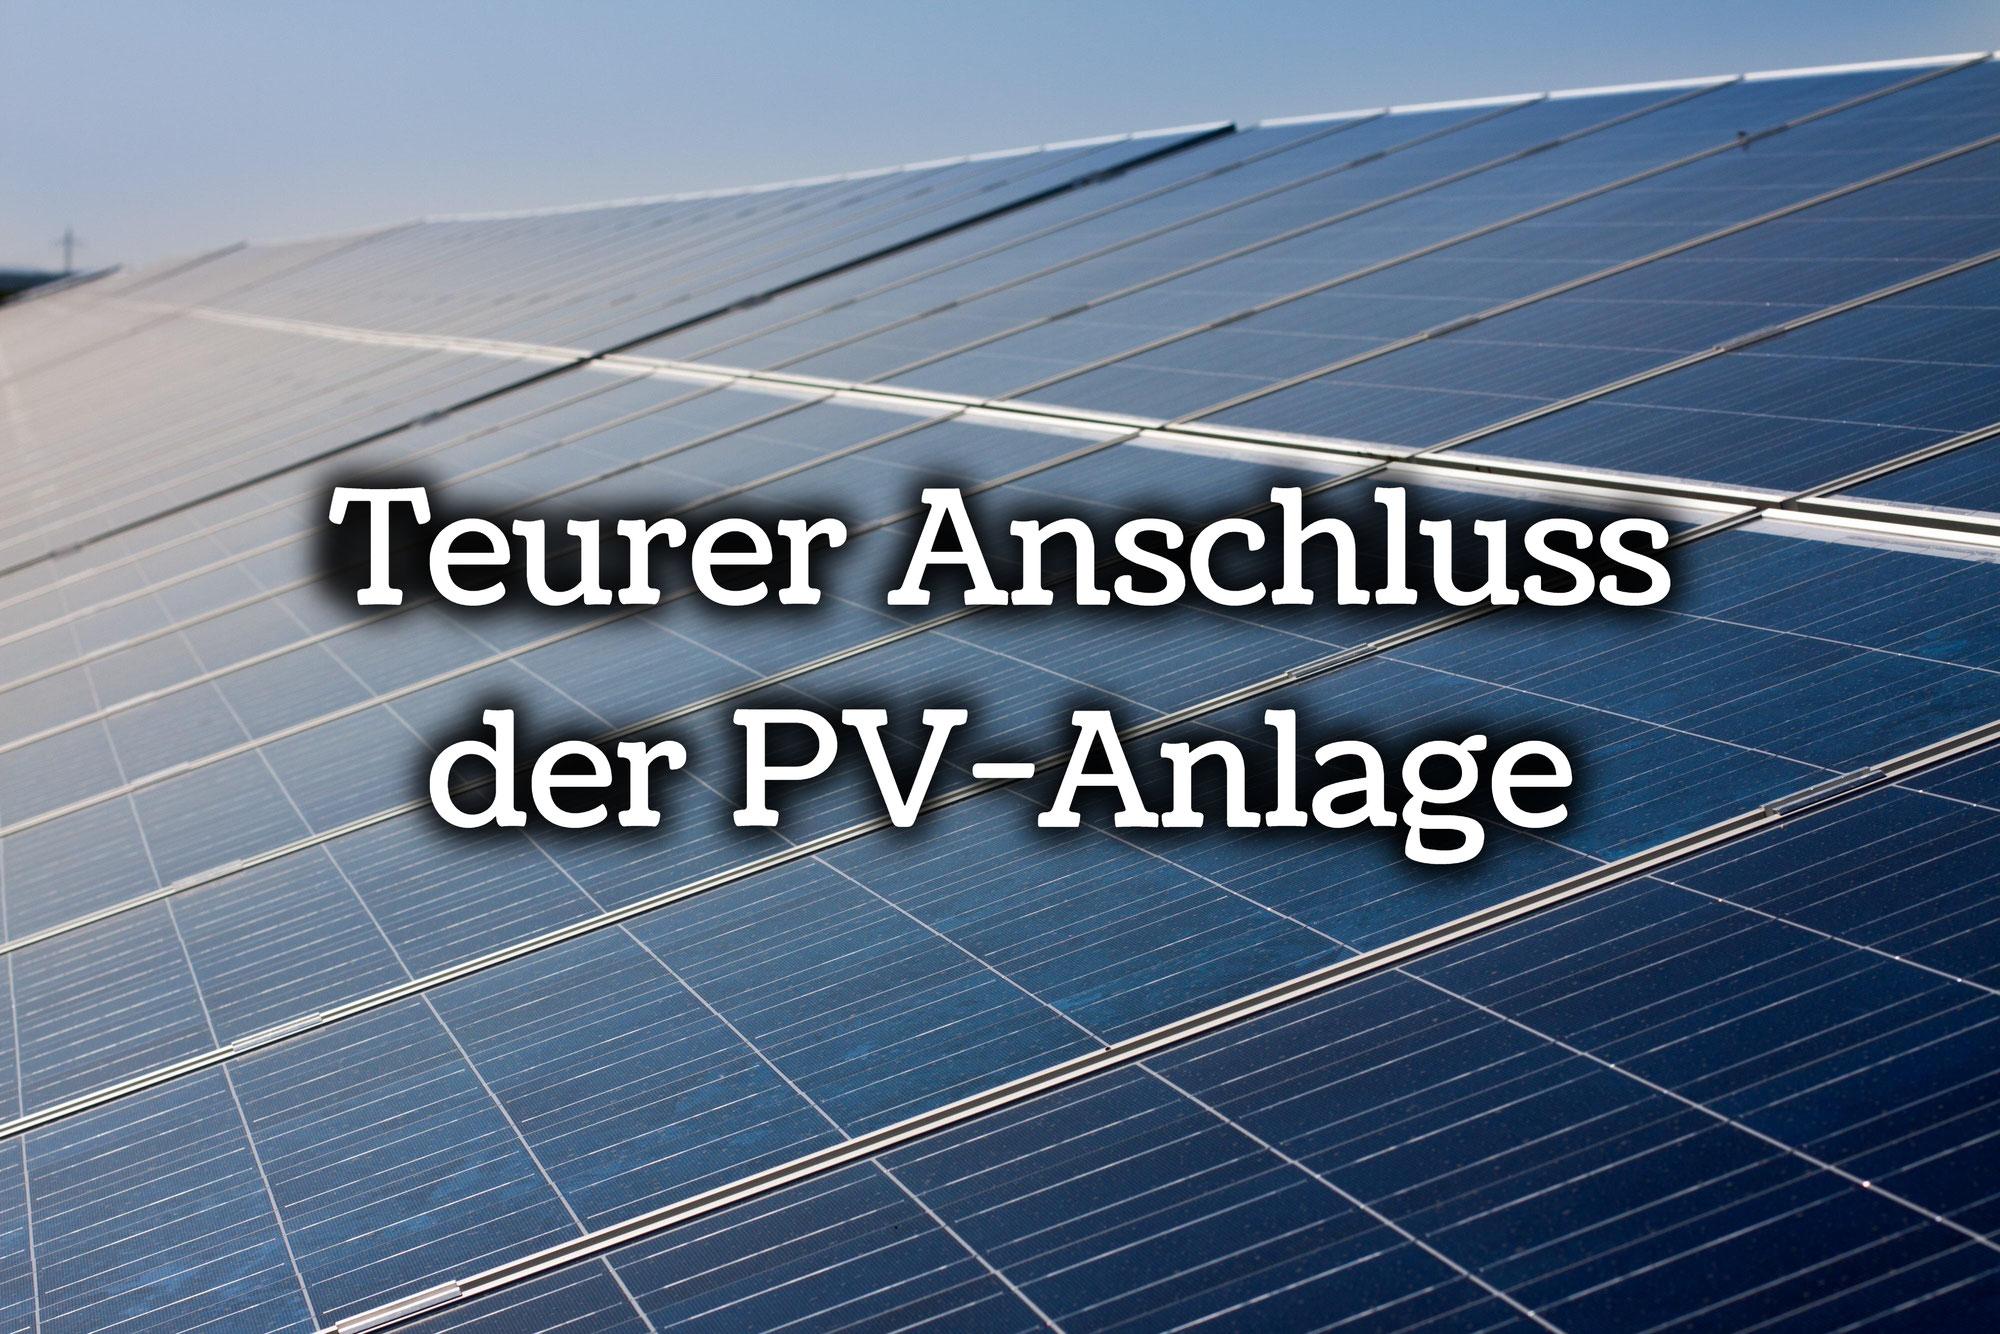 Teurer Anschluss der PV-Anlage